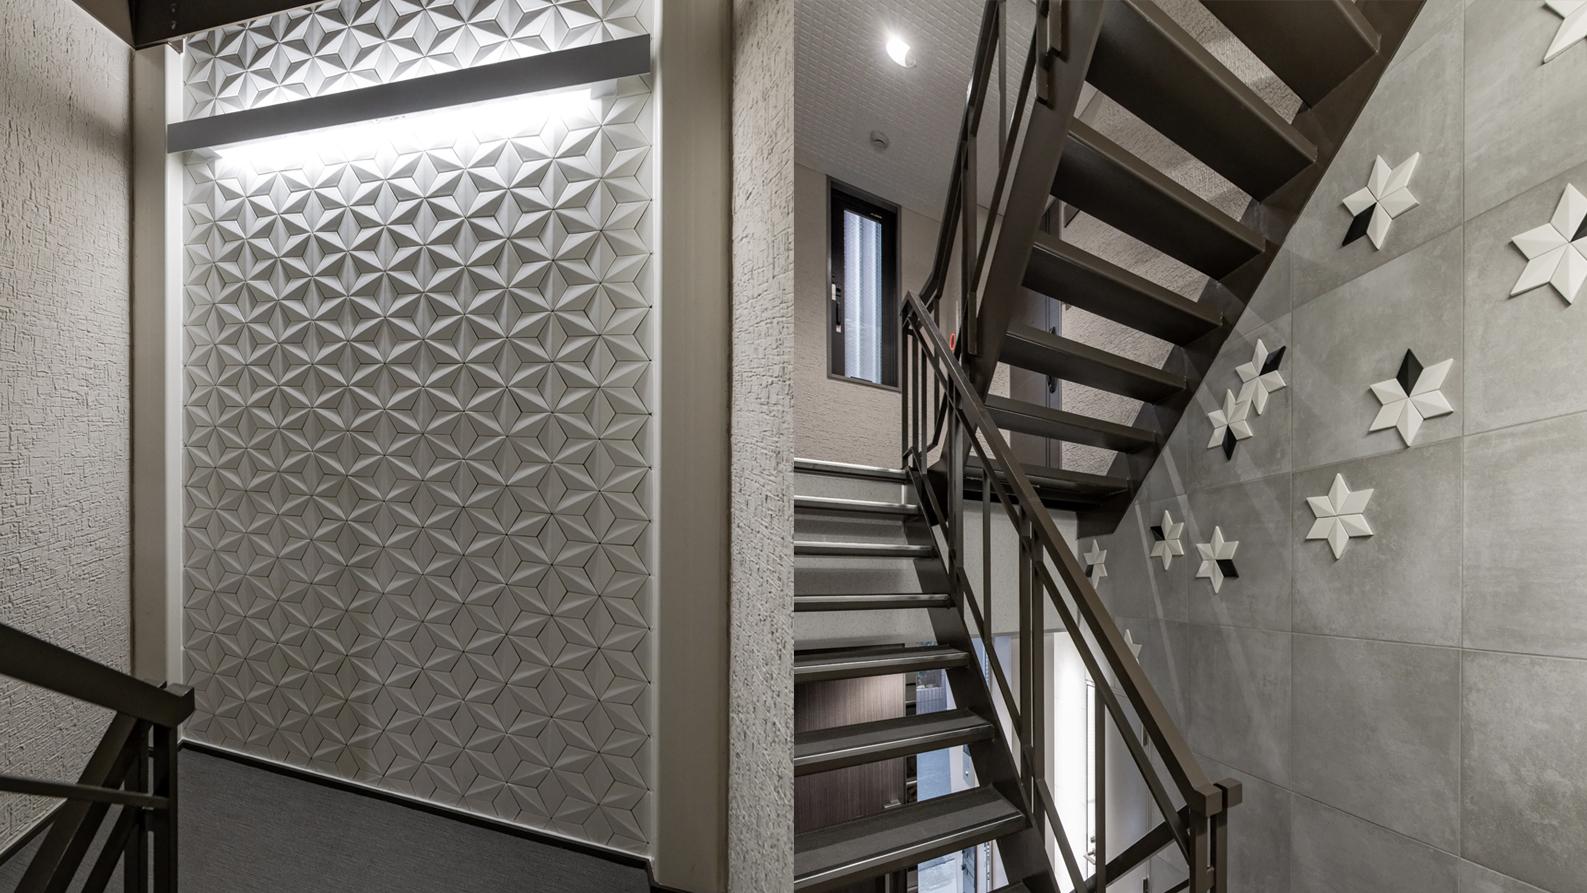 踊り場と階段の壁にタイル貼りデザイン